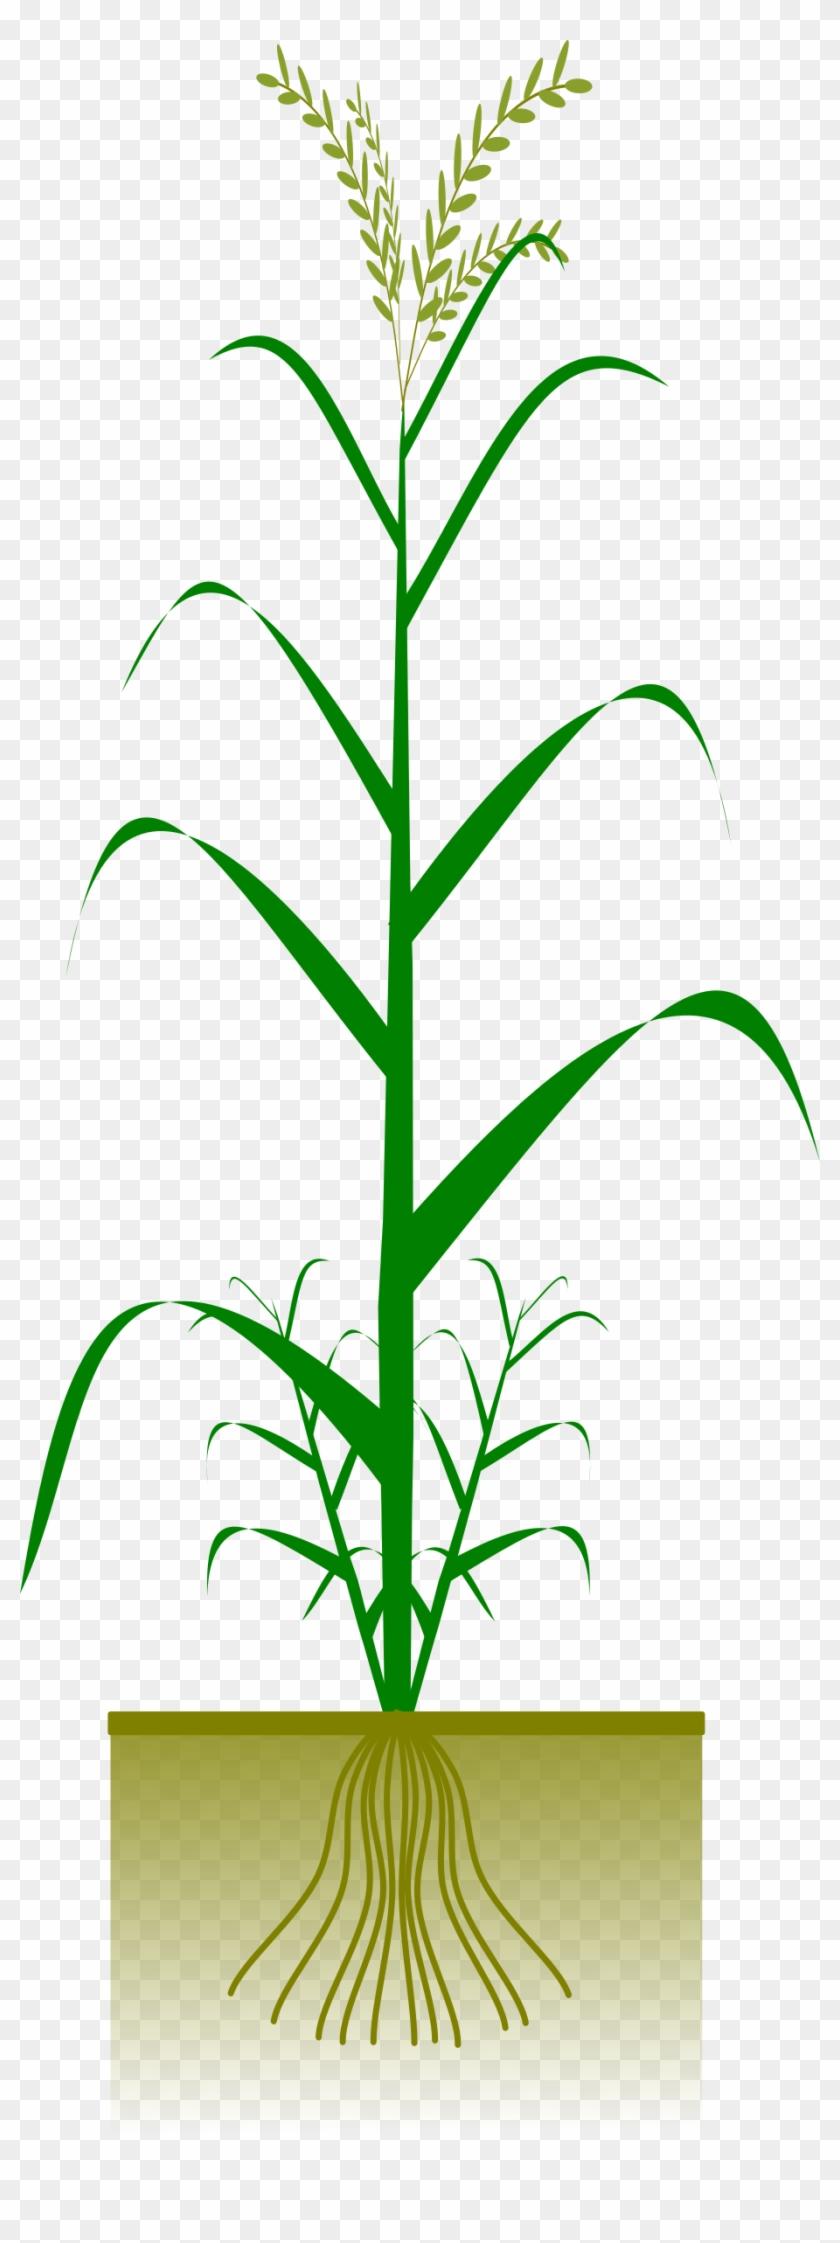 Maize Plant #260006